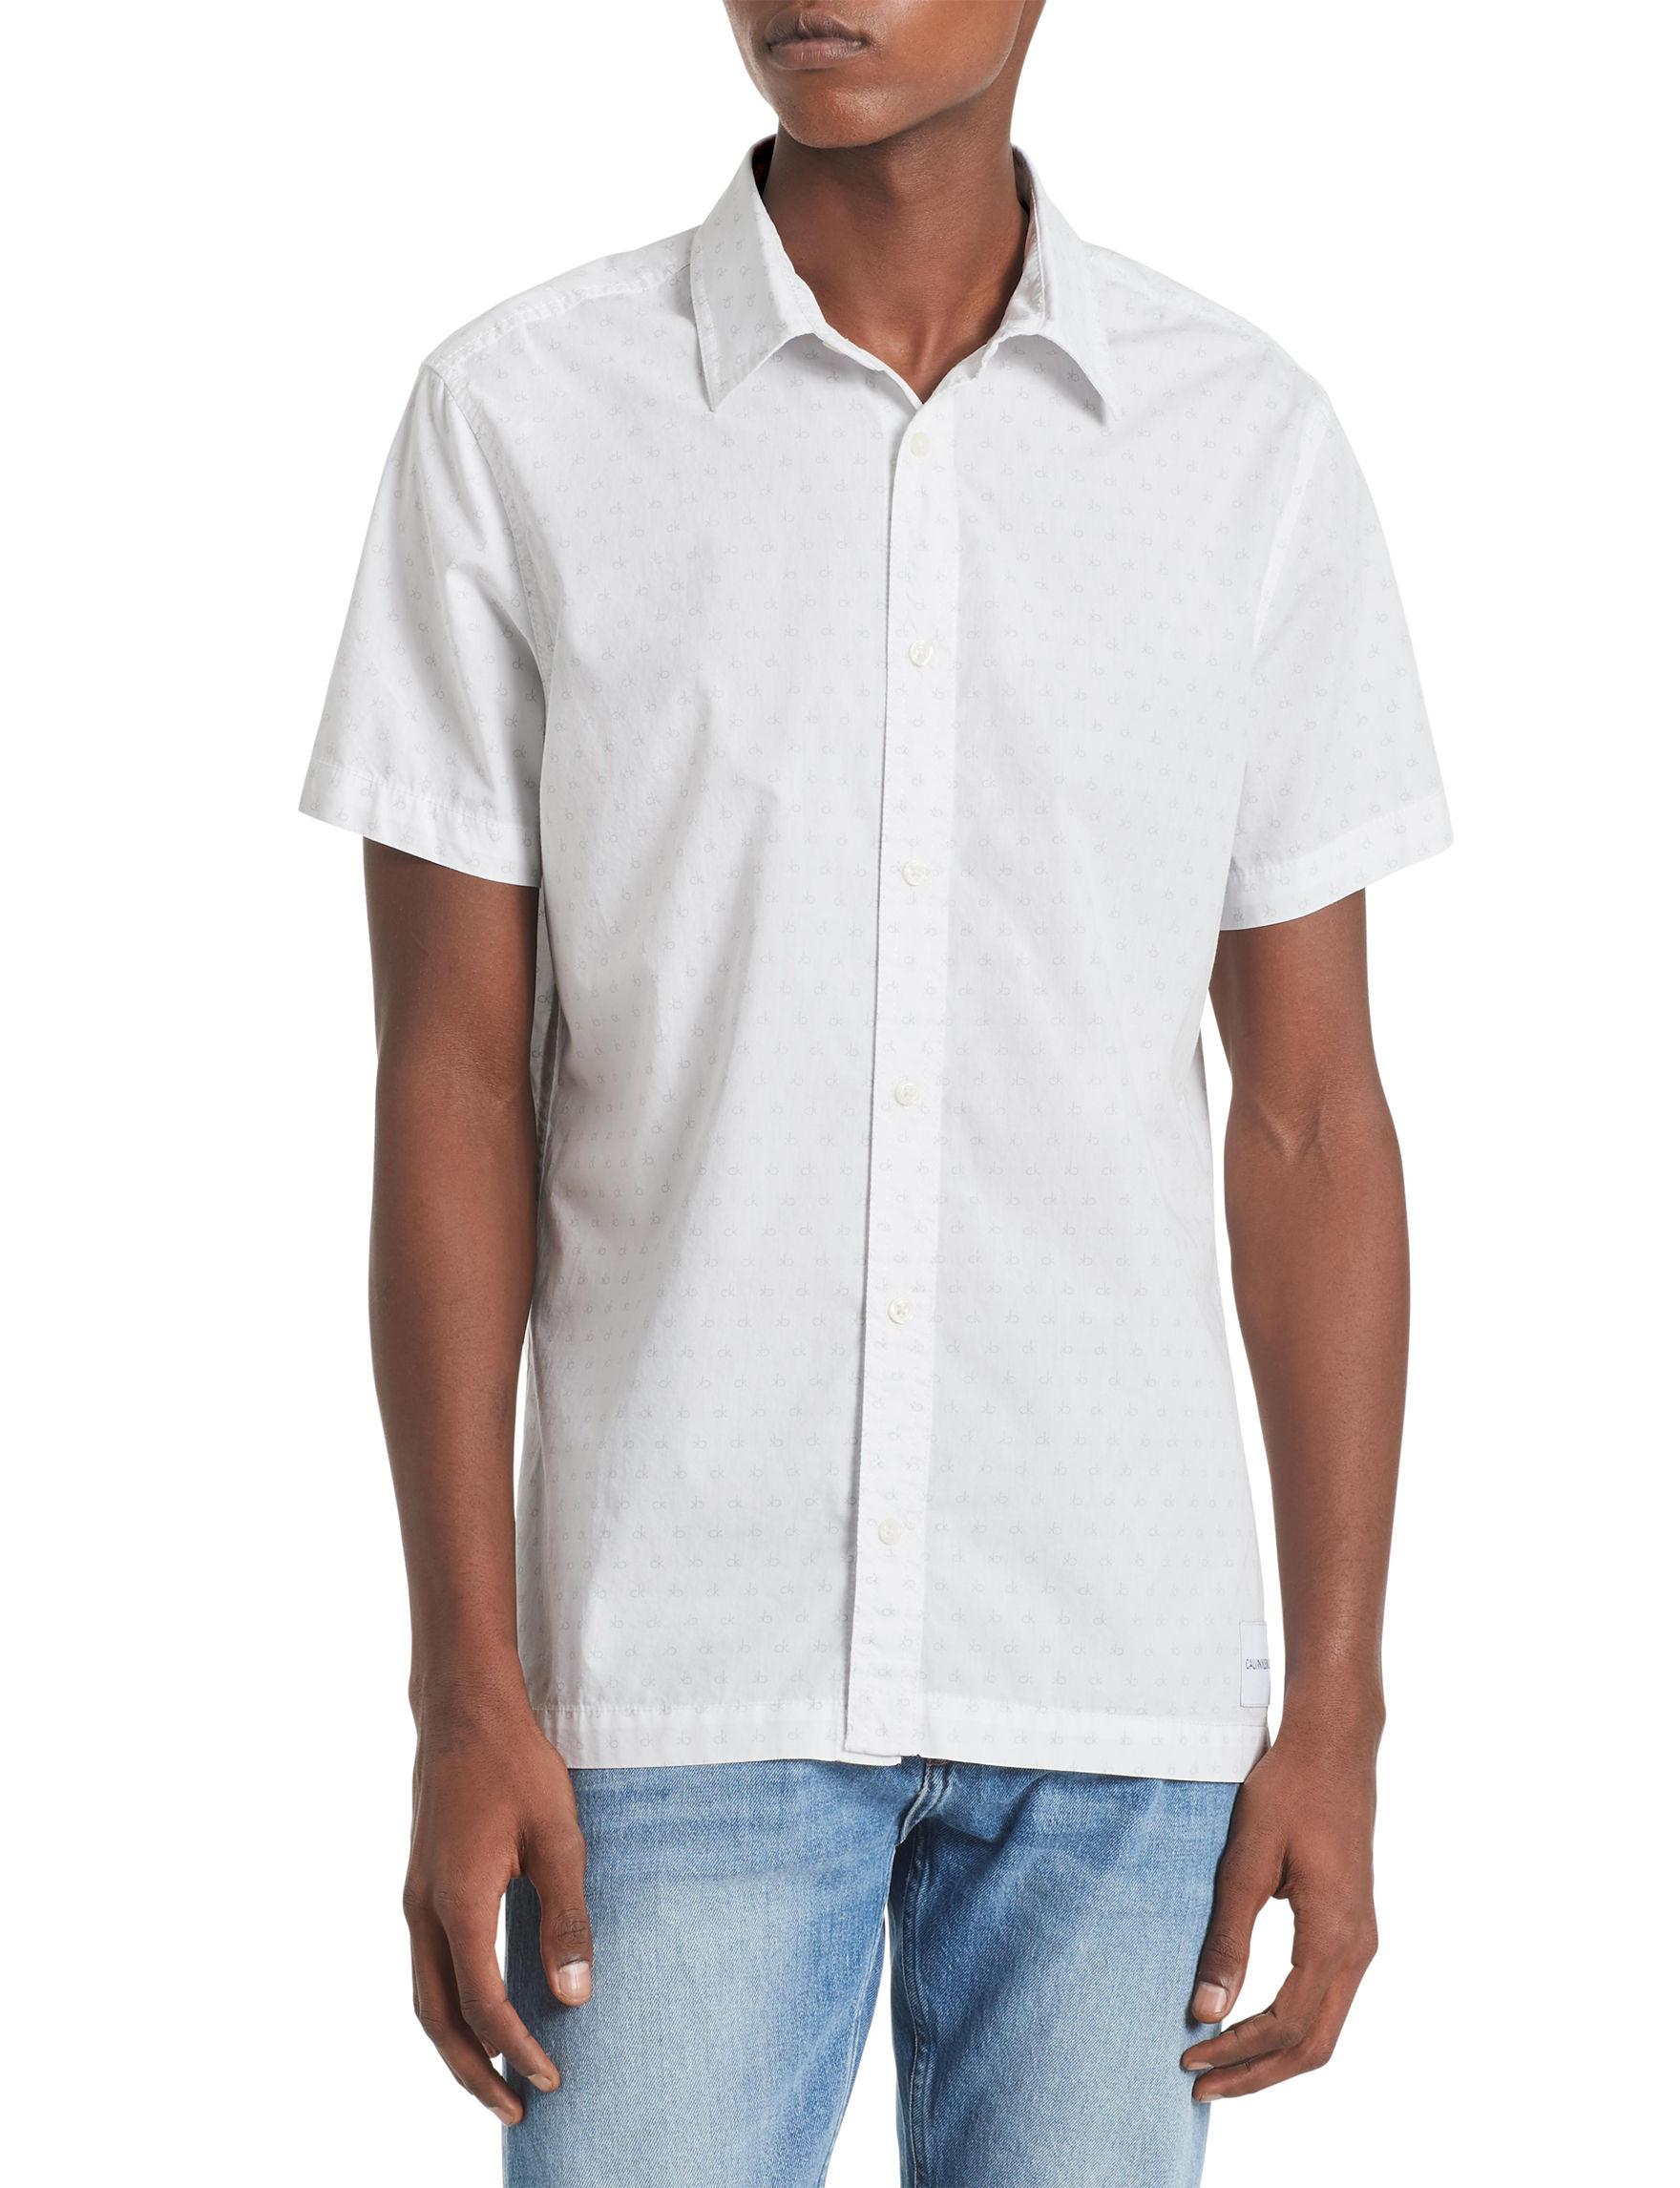 Calvin Klein White Casual Button Down Shirts